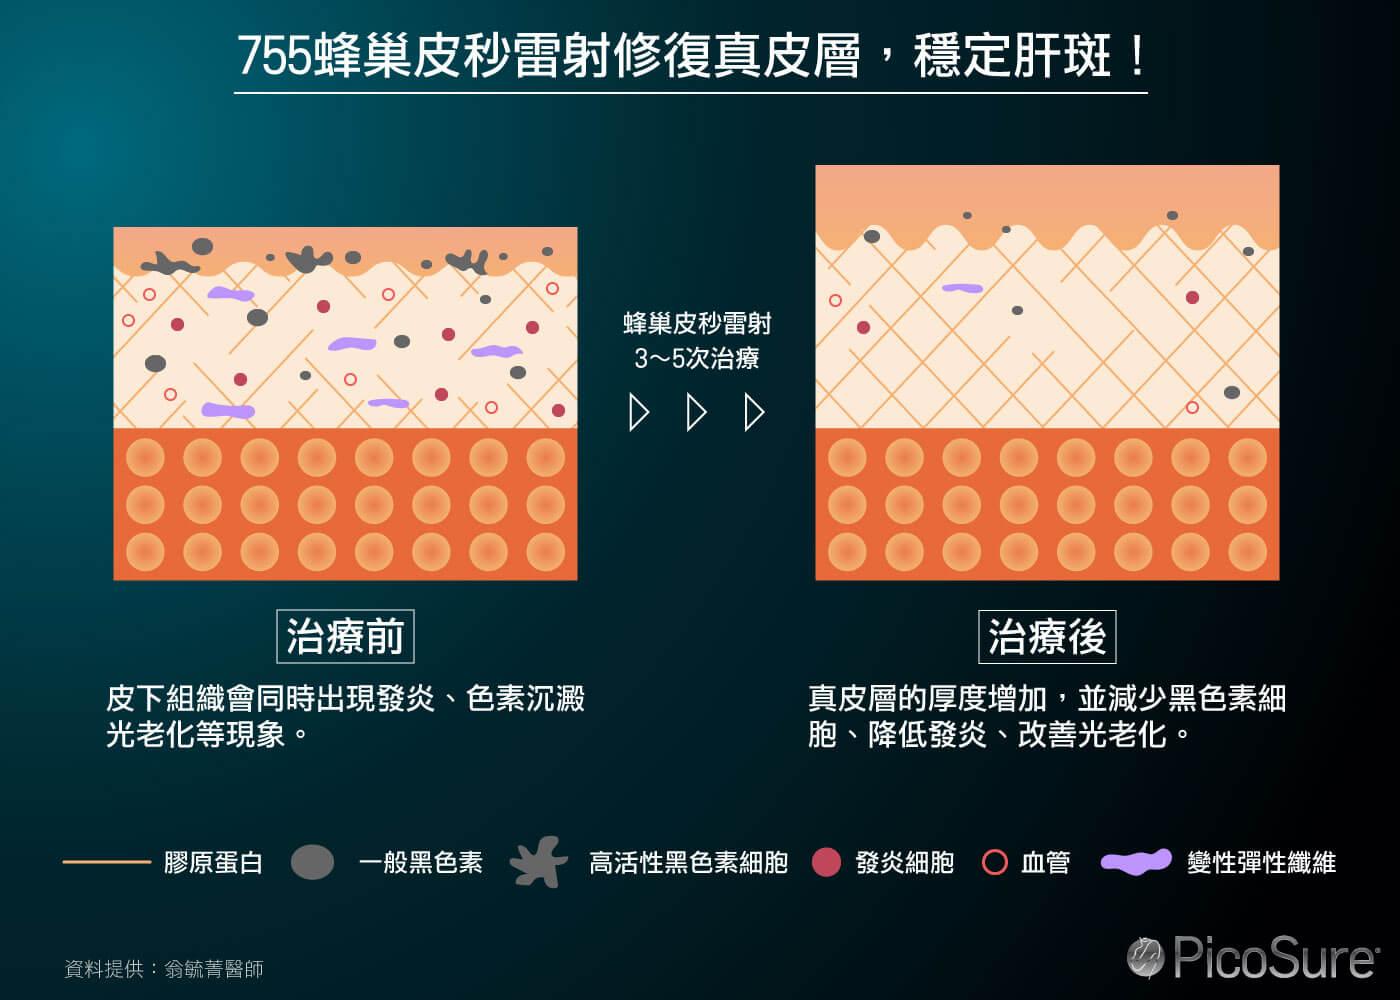 755蜂巢皮秒改善肝斑